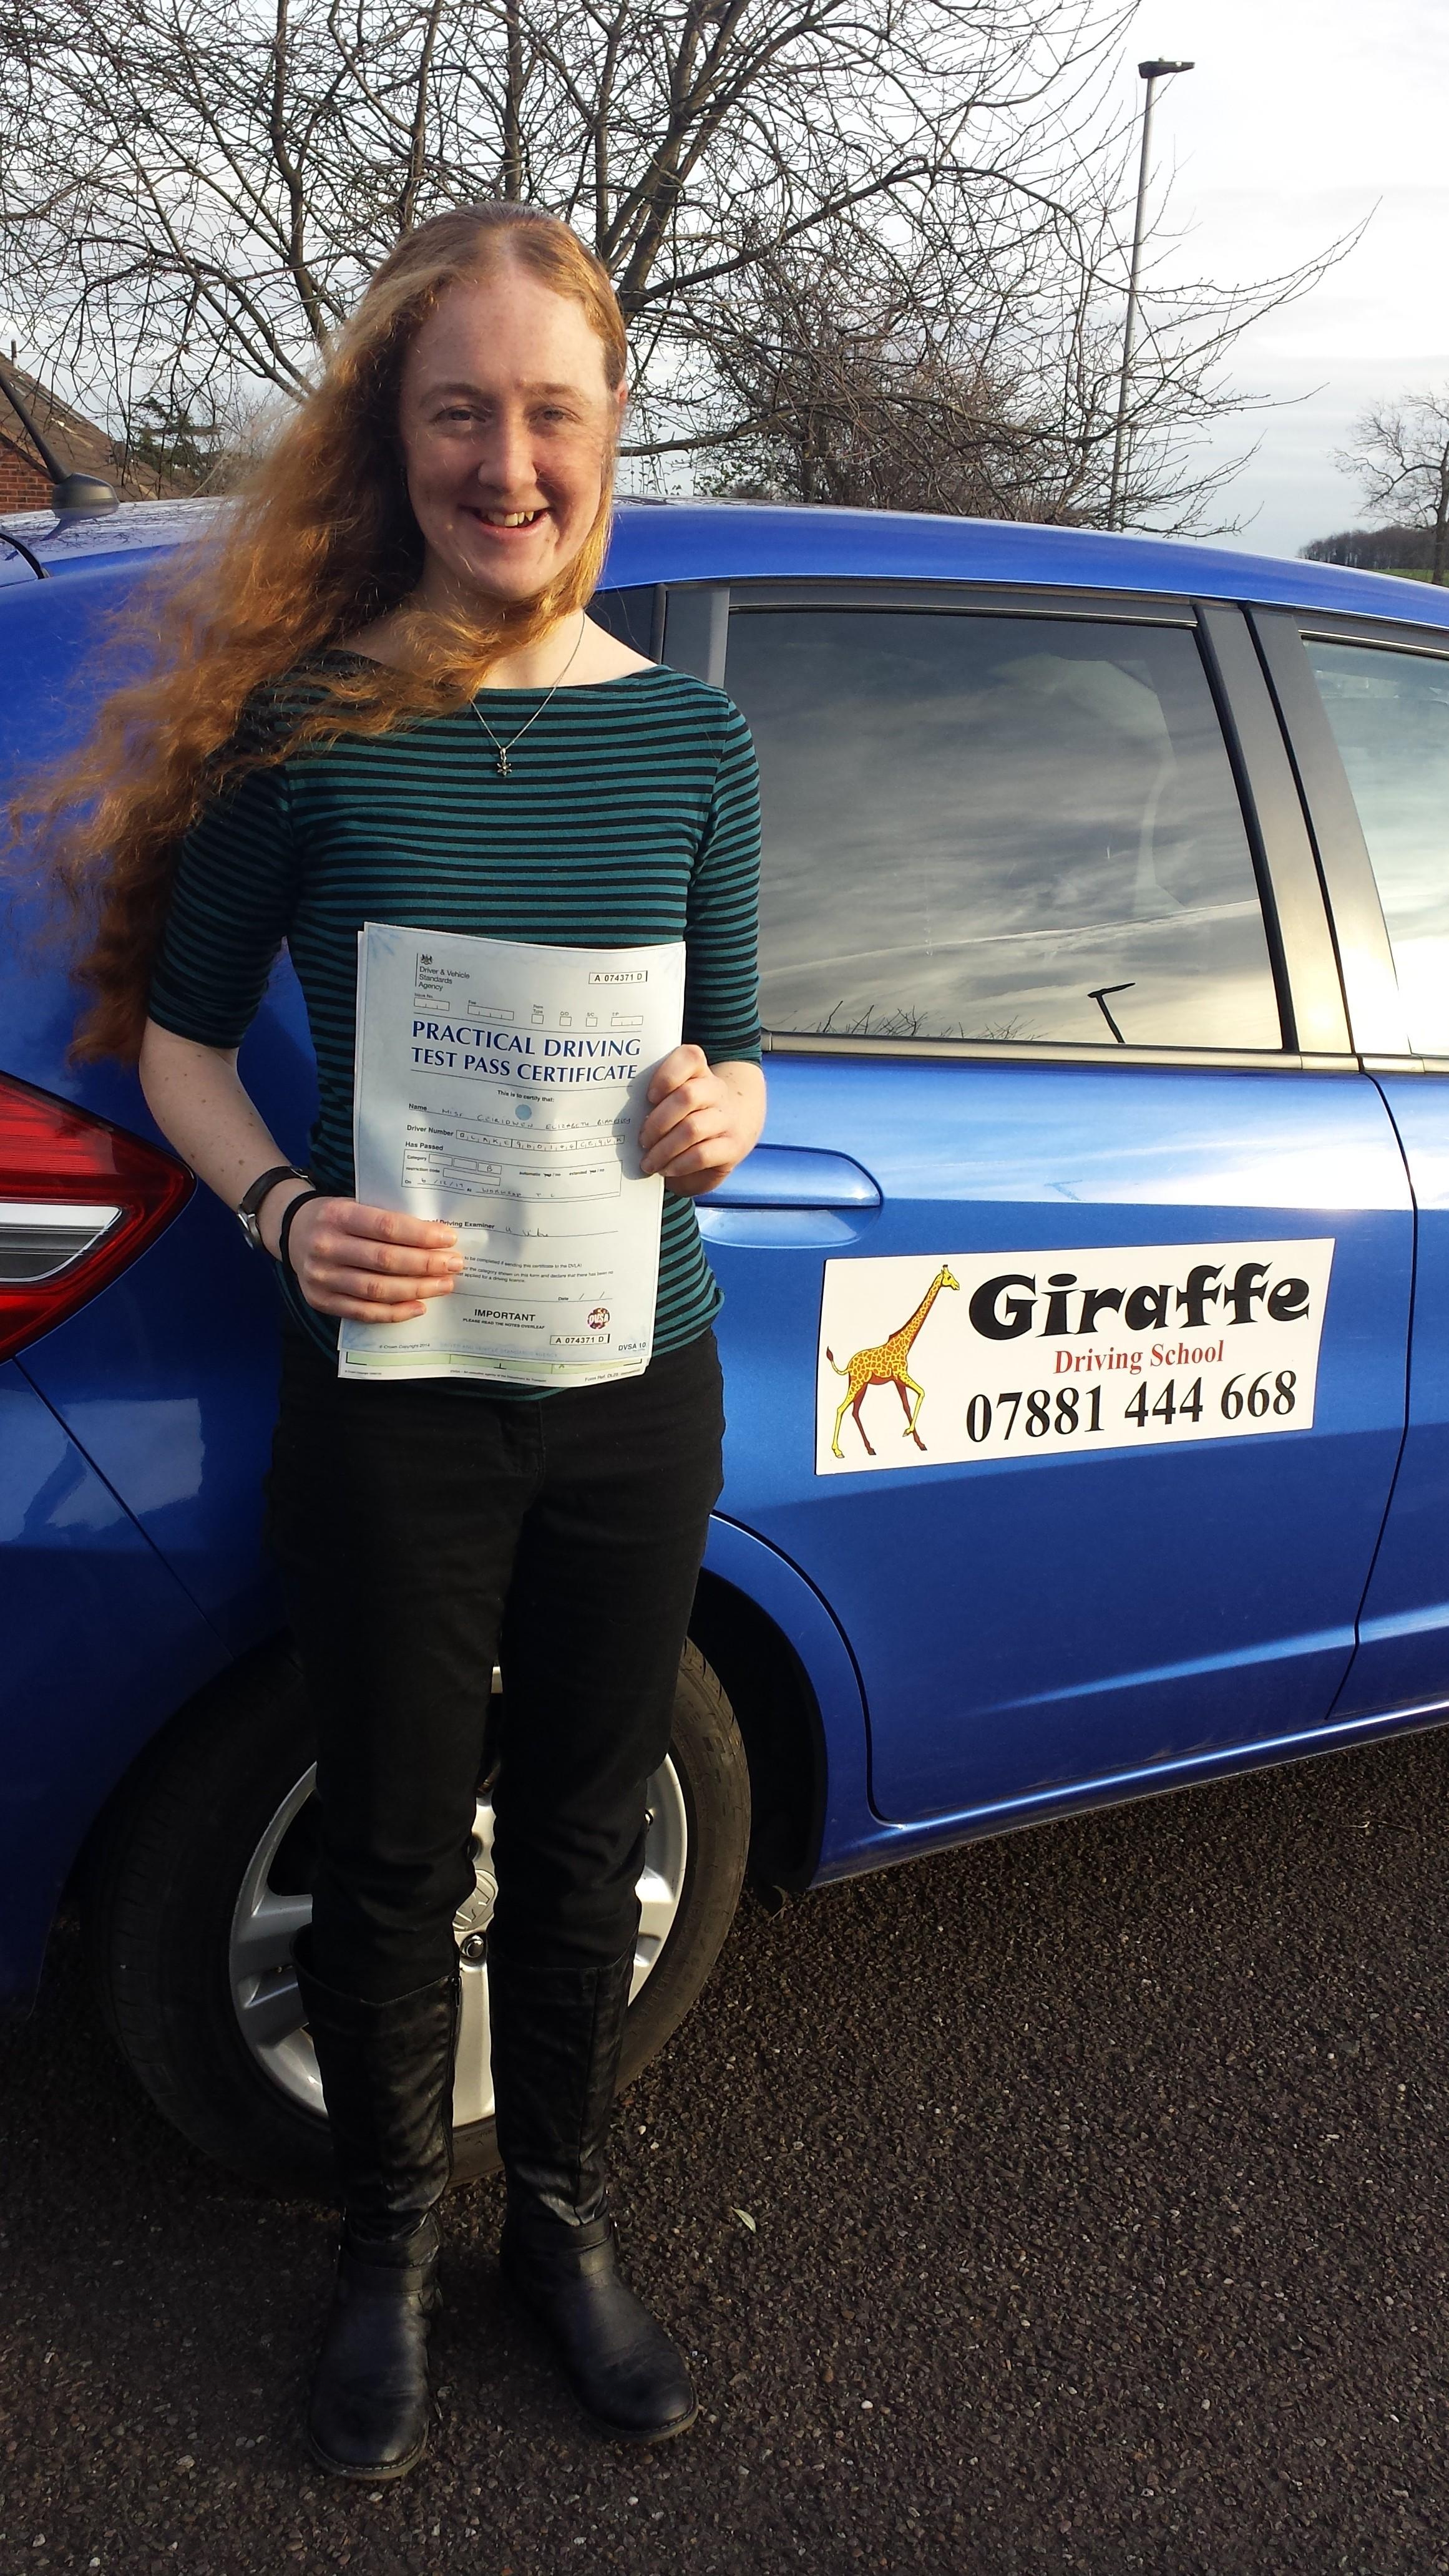 another pass for Giraffe driving school